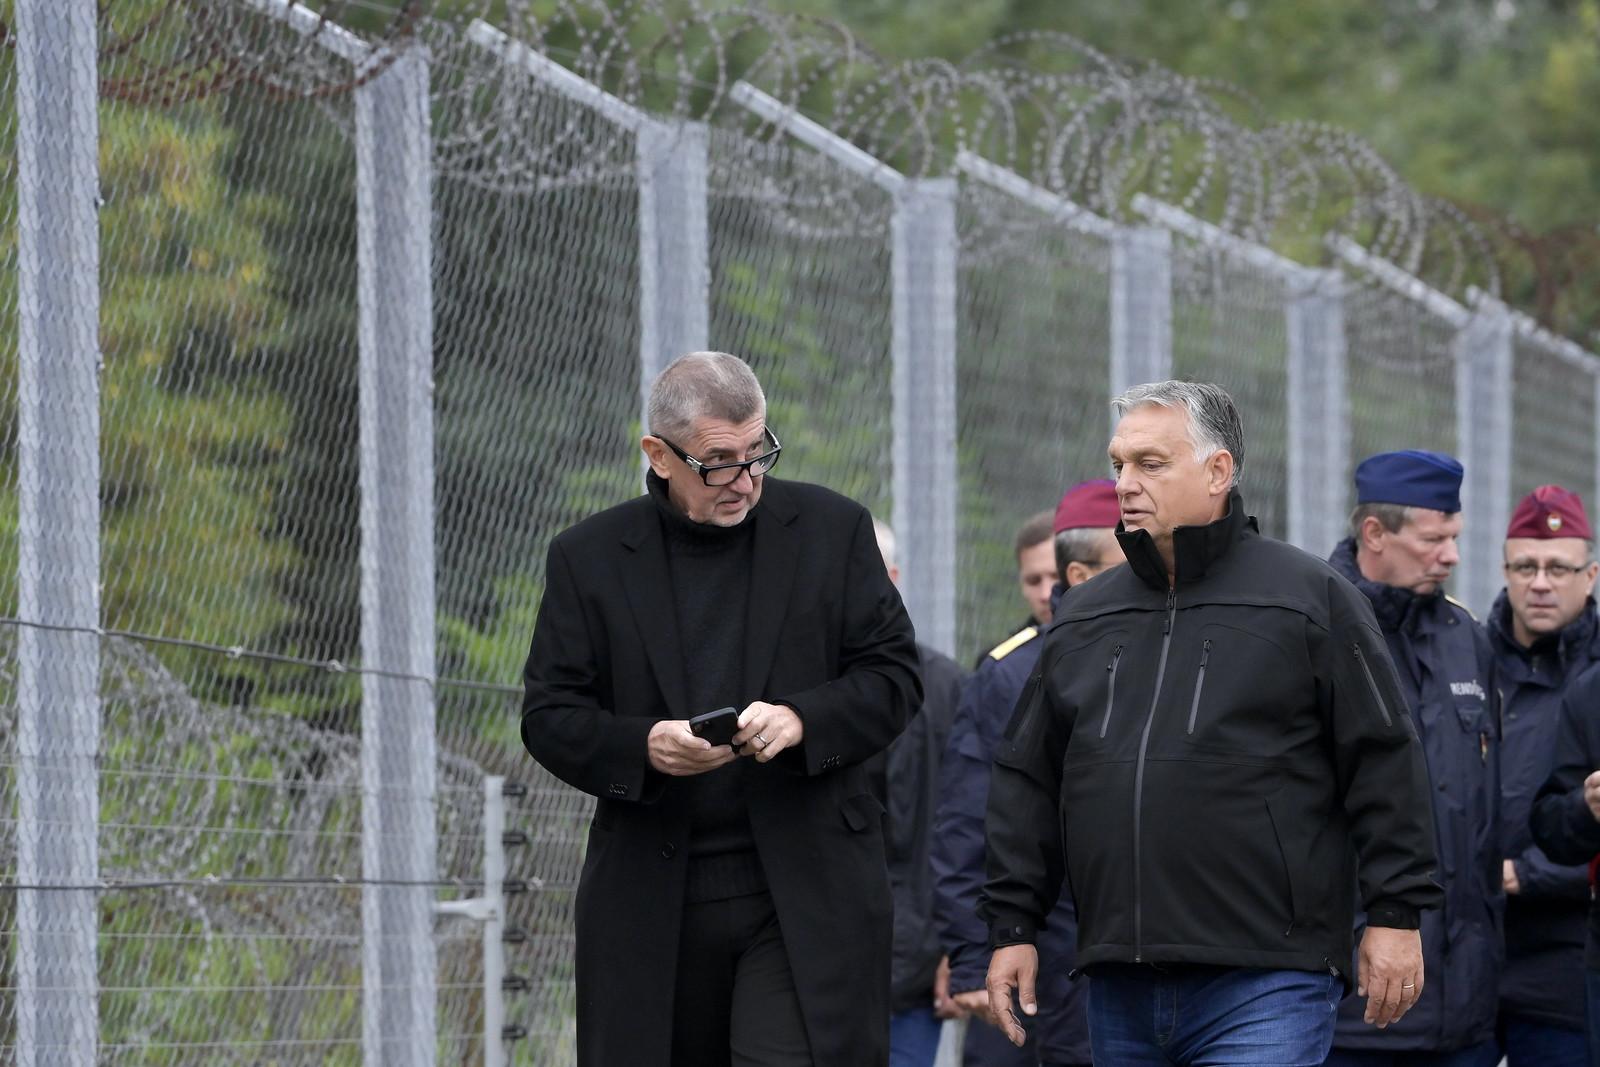 Orbán a határnál: ha nem lett volna kerítés, több millió migráns lépett volna be ellenőrzés nélkül